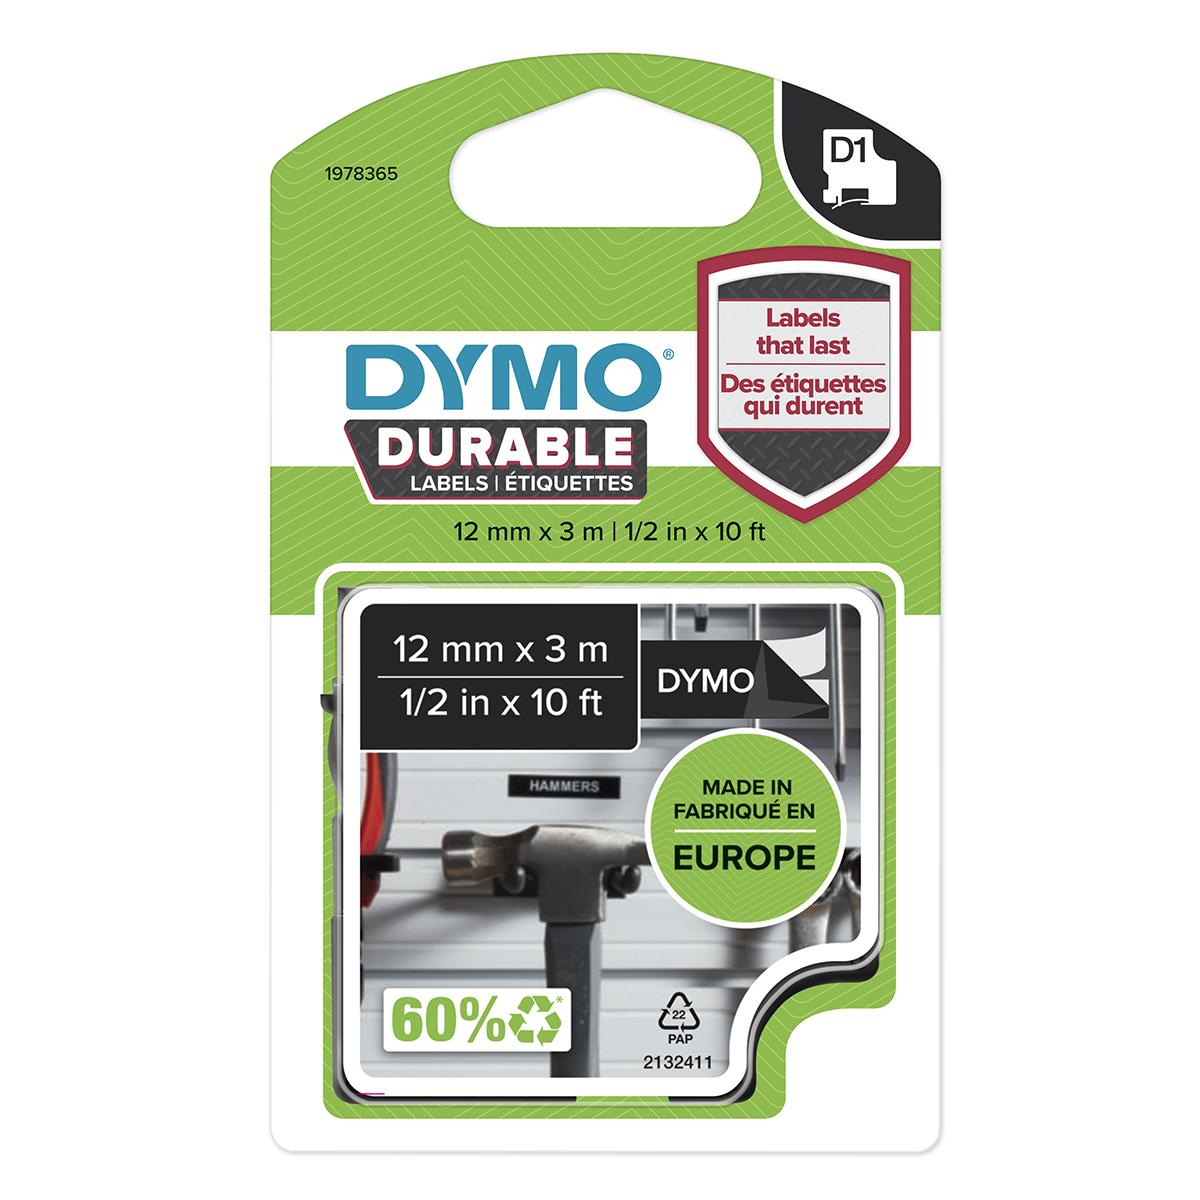 Dymo 1978365 D1 Durable 12mm x 3M Tape White on Black